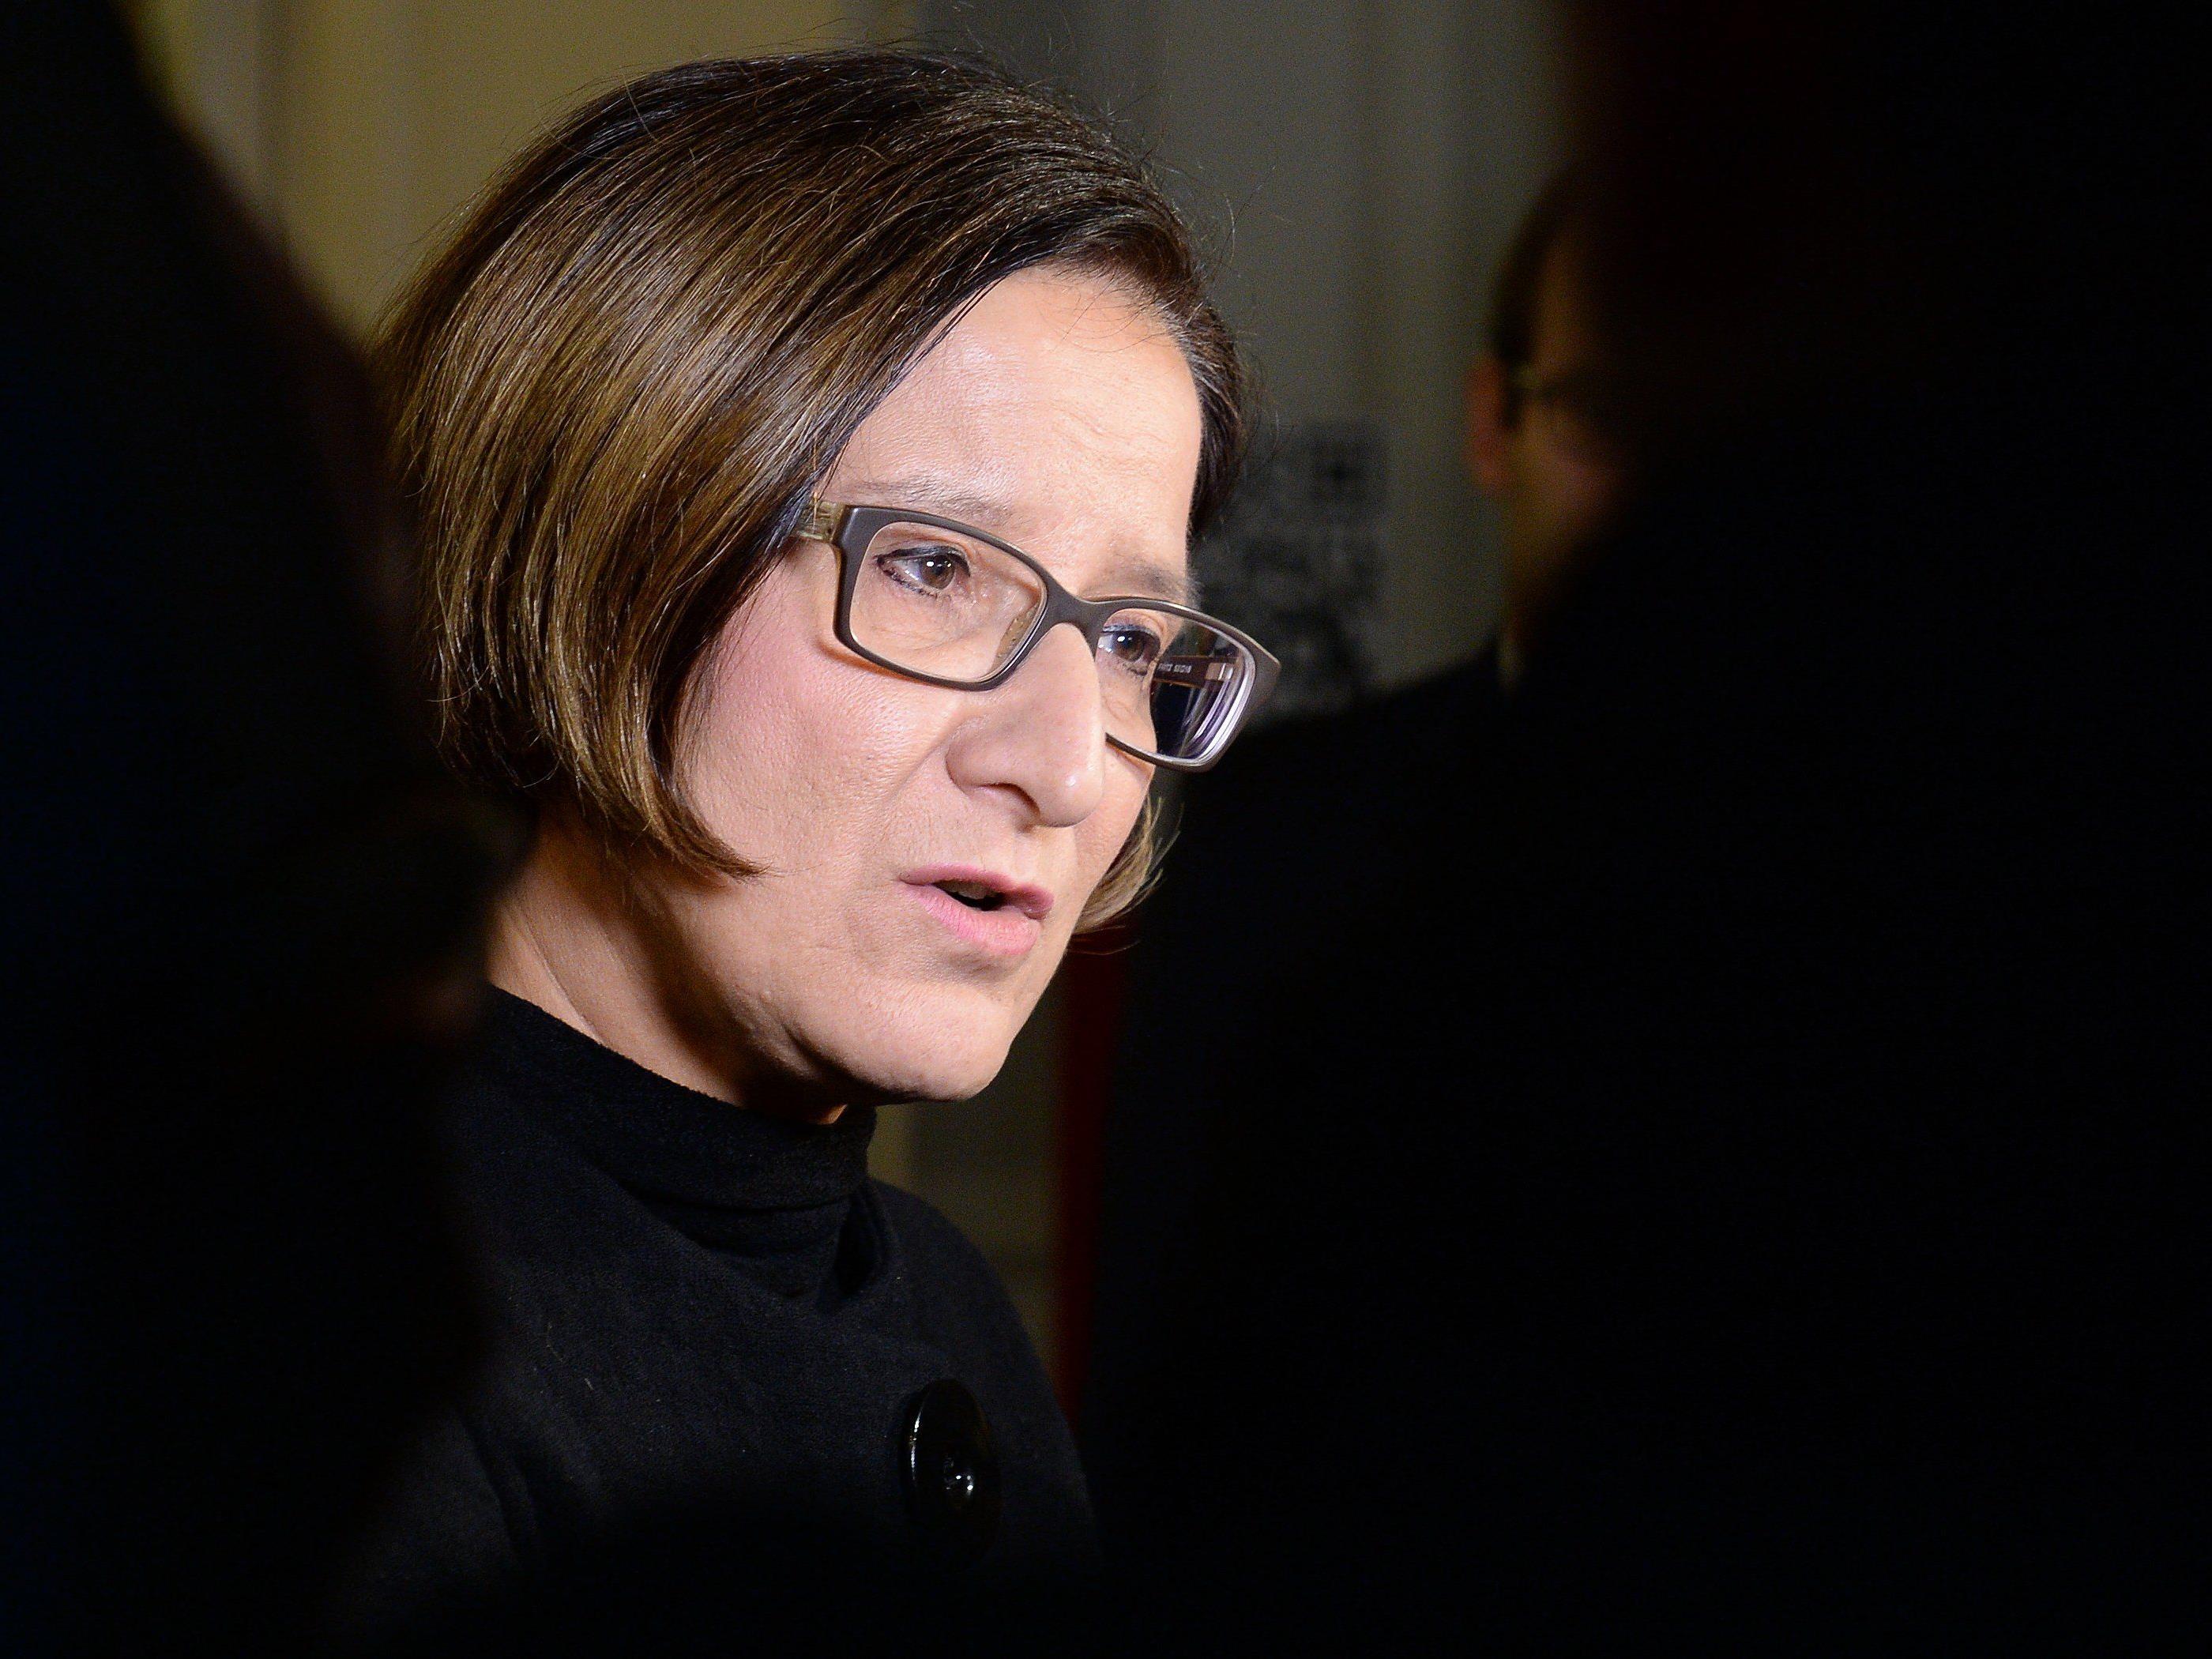 Johanna Mikl-Leitner verteidigt die Entscheidung zu den baulichen Maßnahmen an der Grenze.